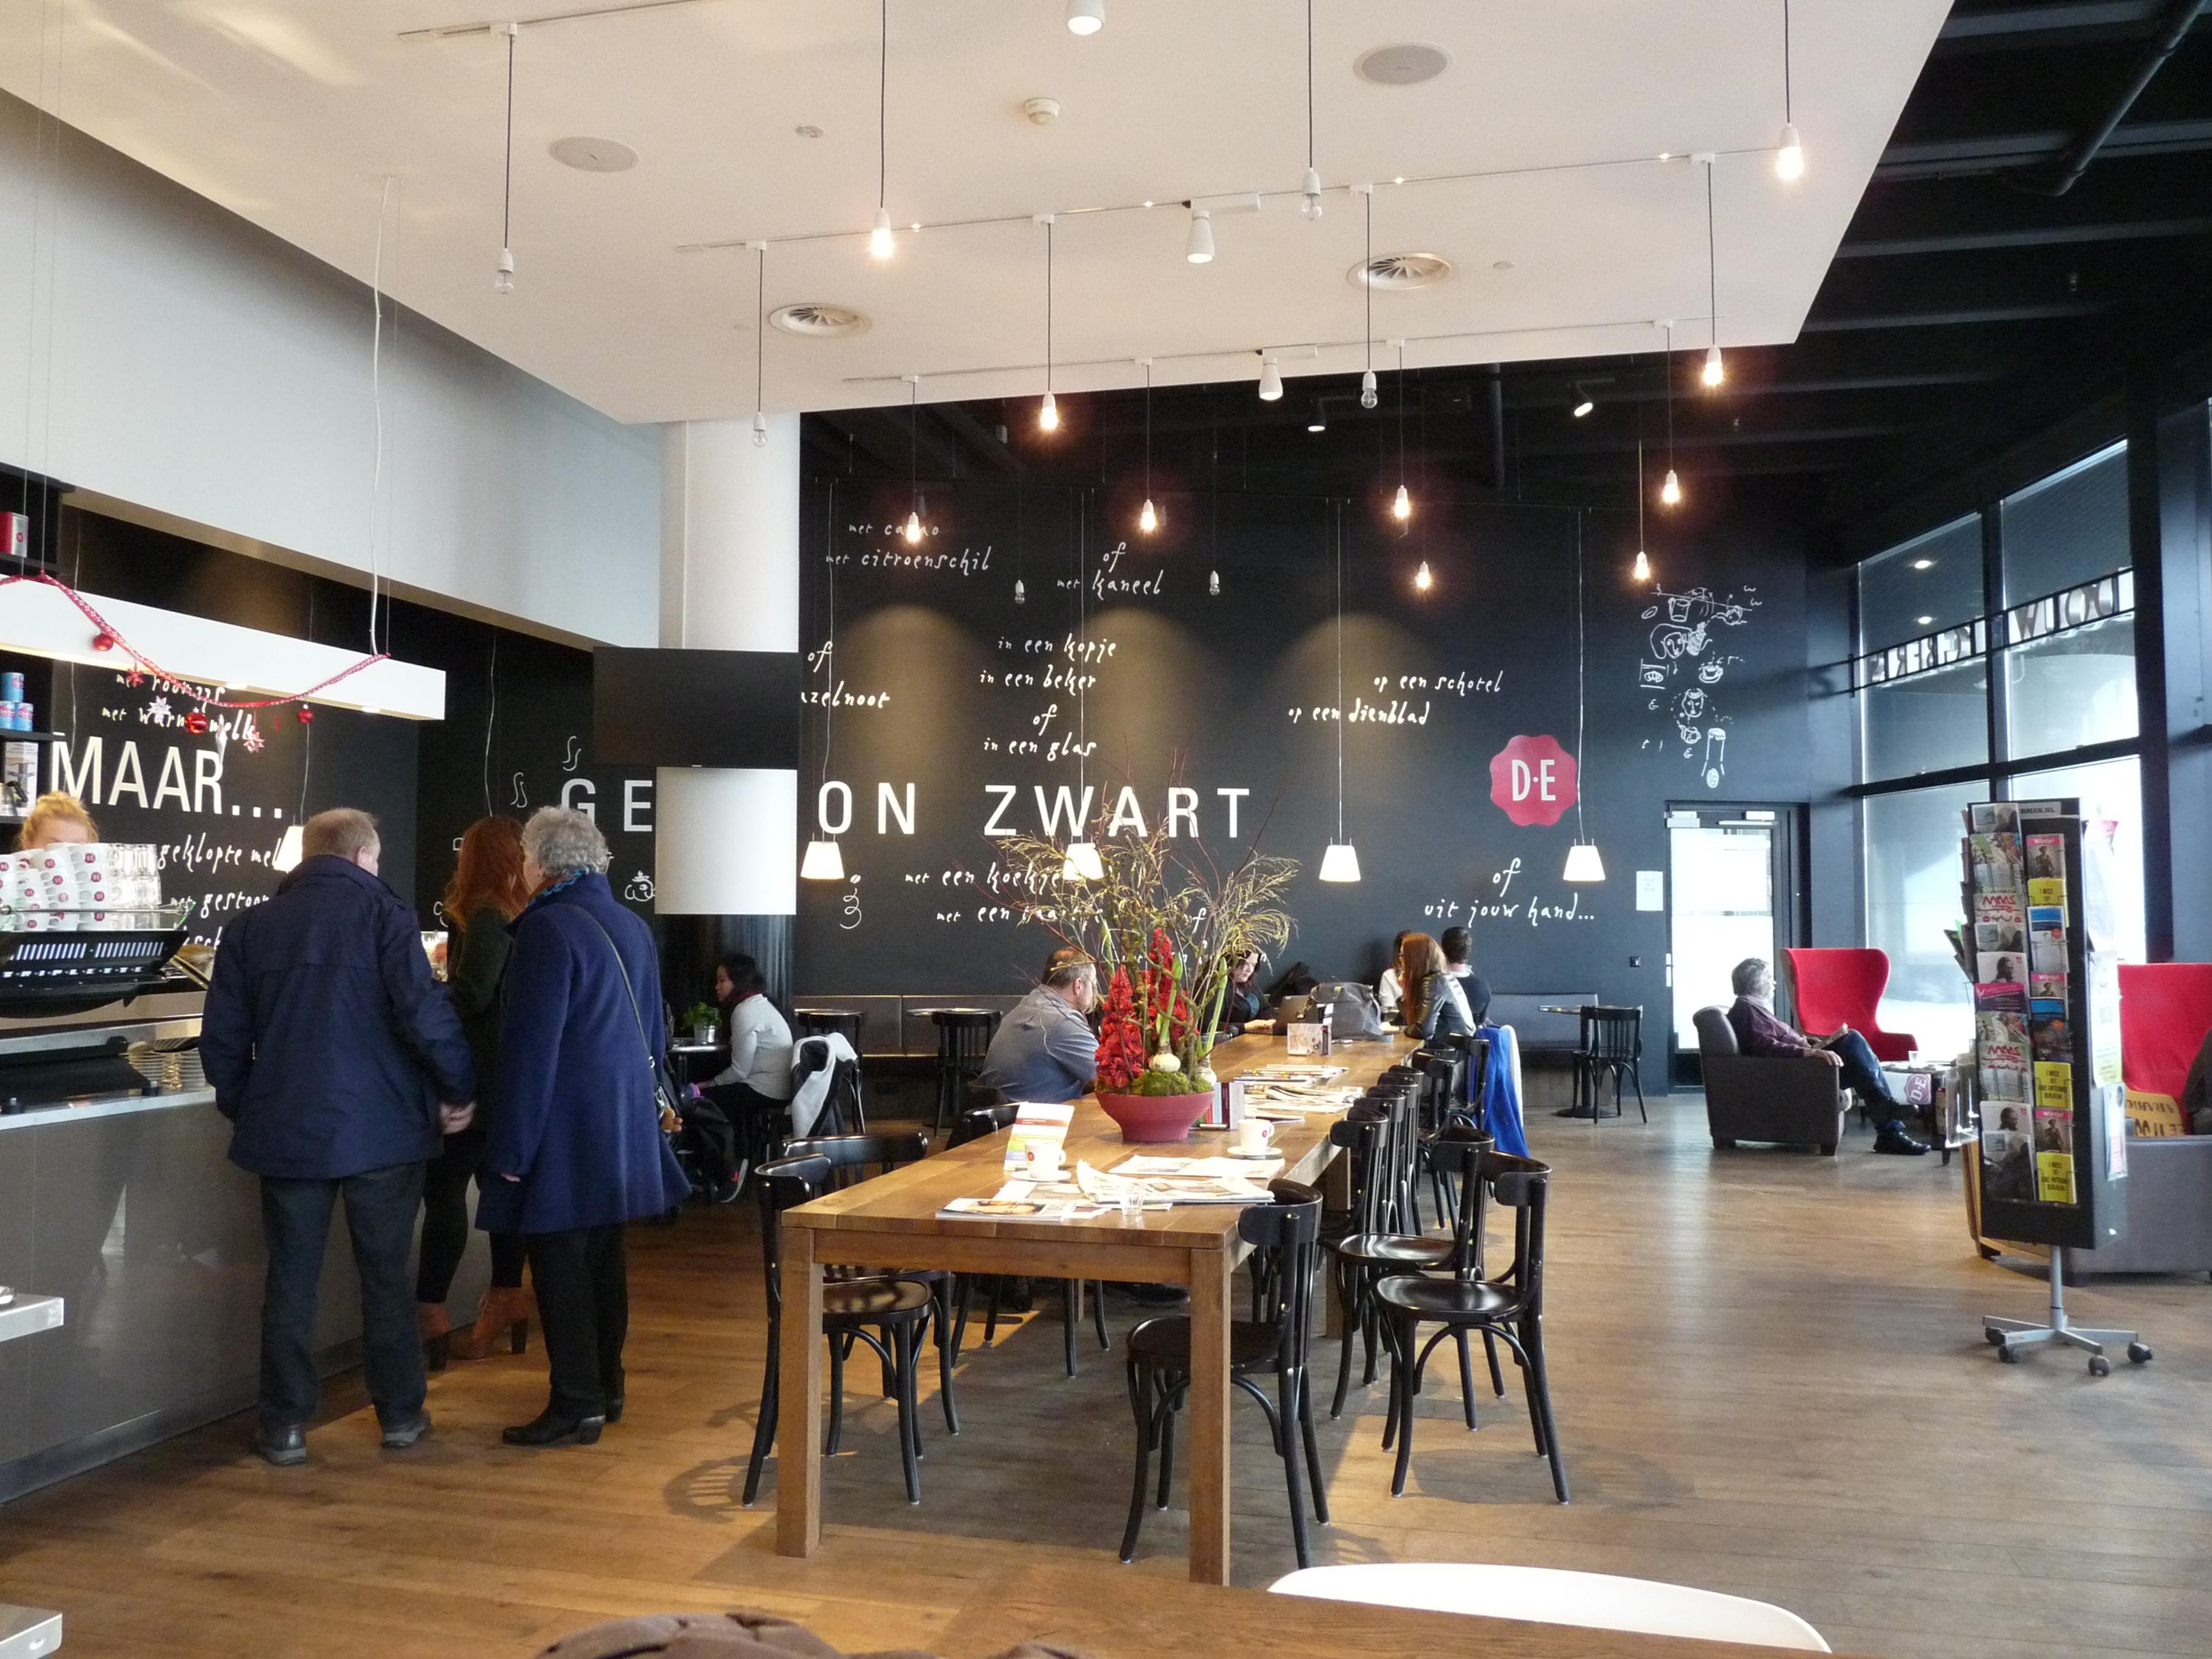 filenationale nederlanden douwe egberts caf interieur iijpg